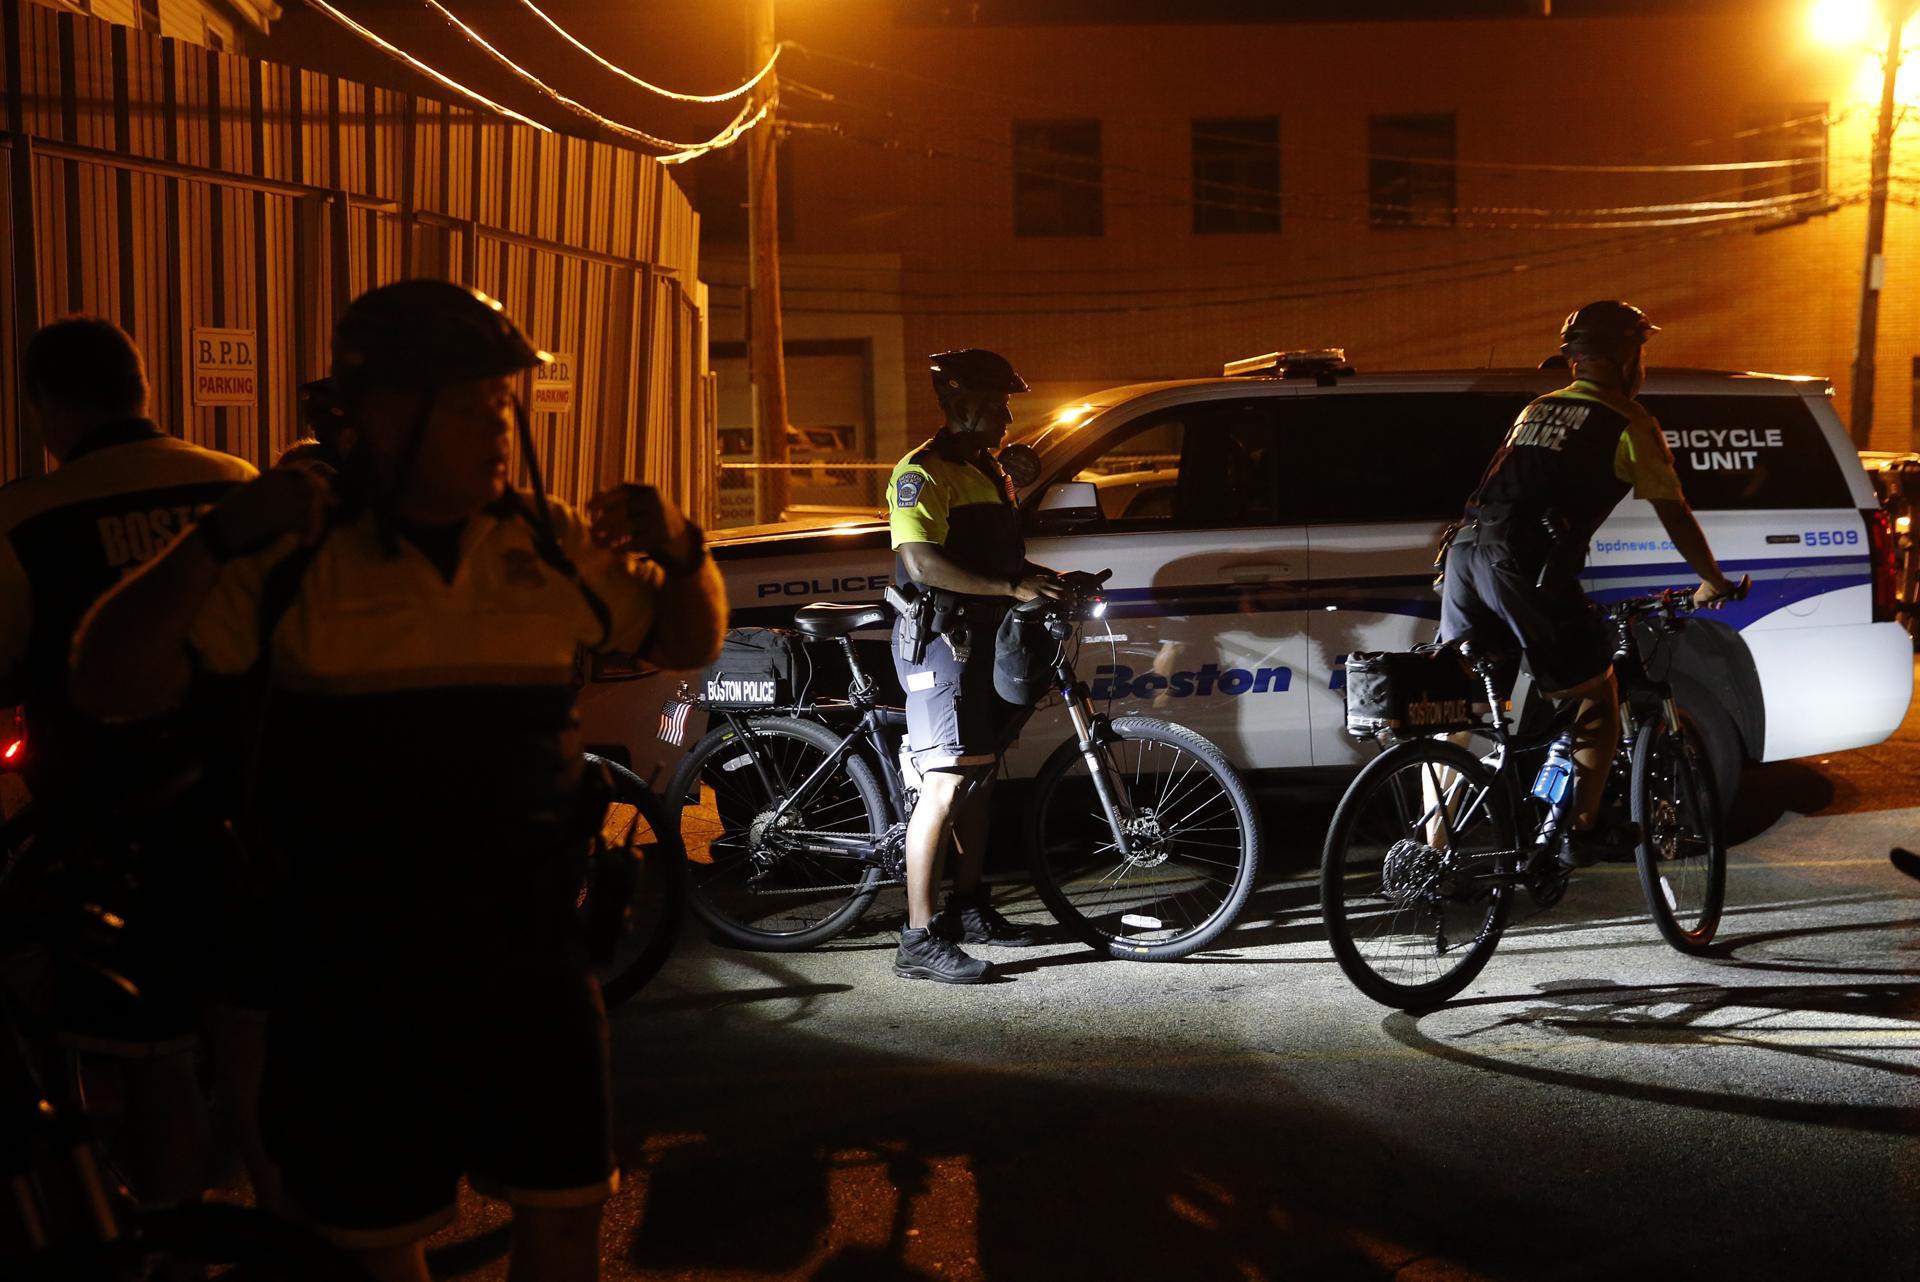 CityWide Bike Unit2-Jessica Rinaldi (Globe).jpg